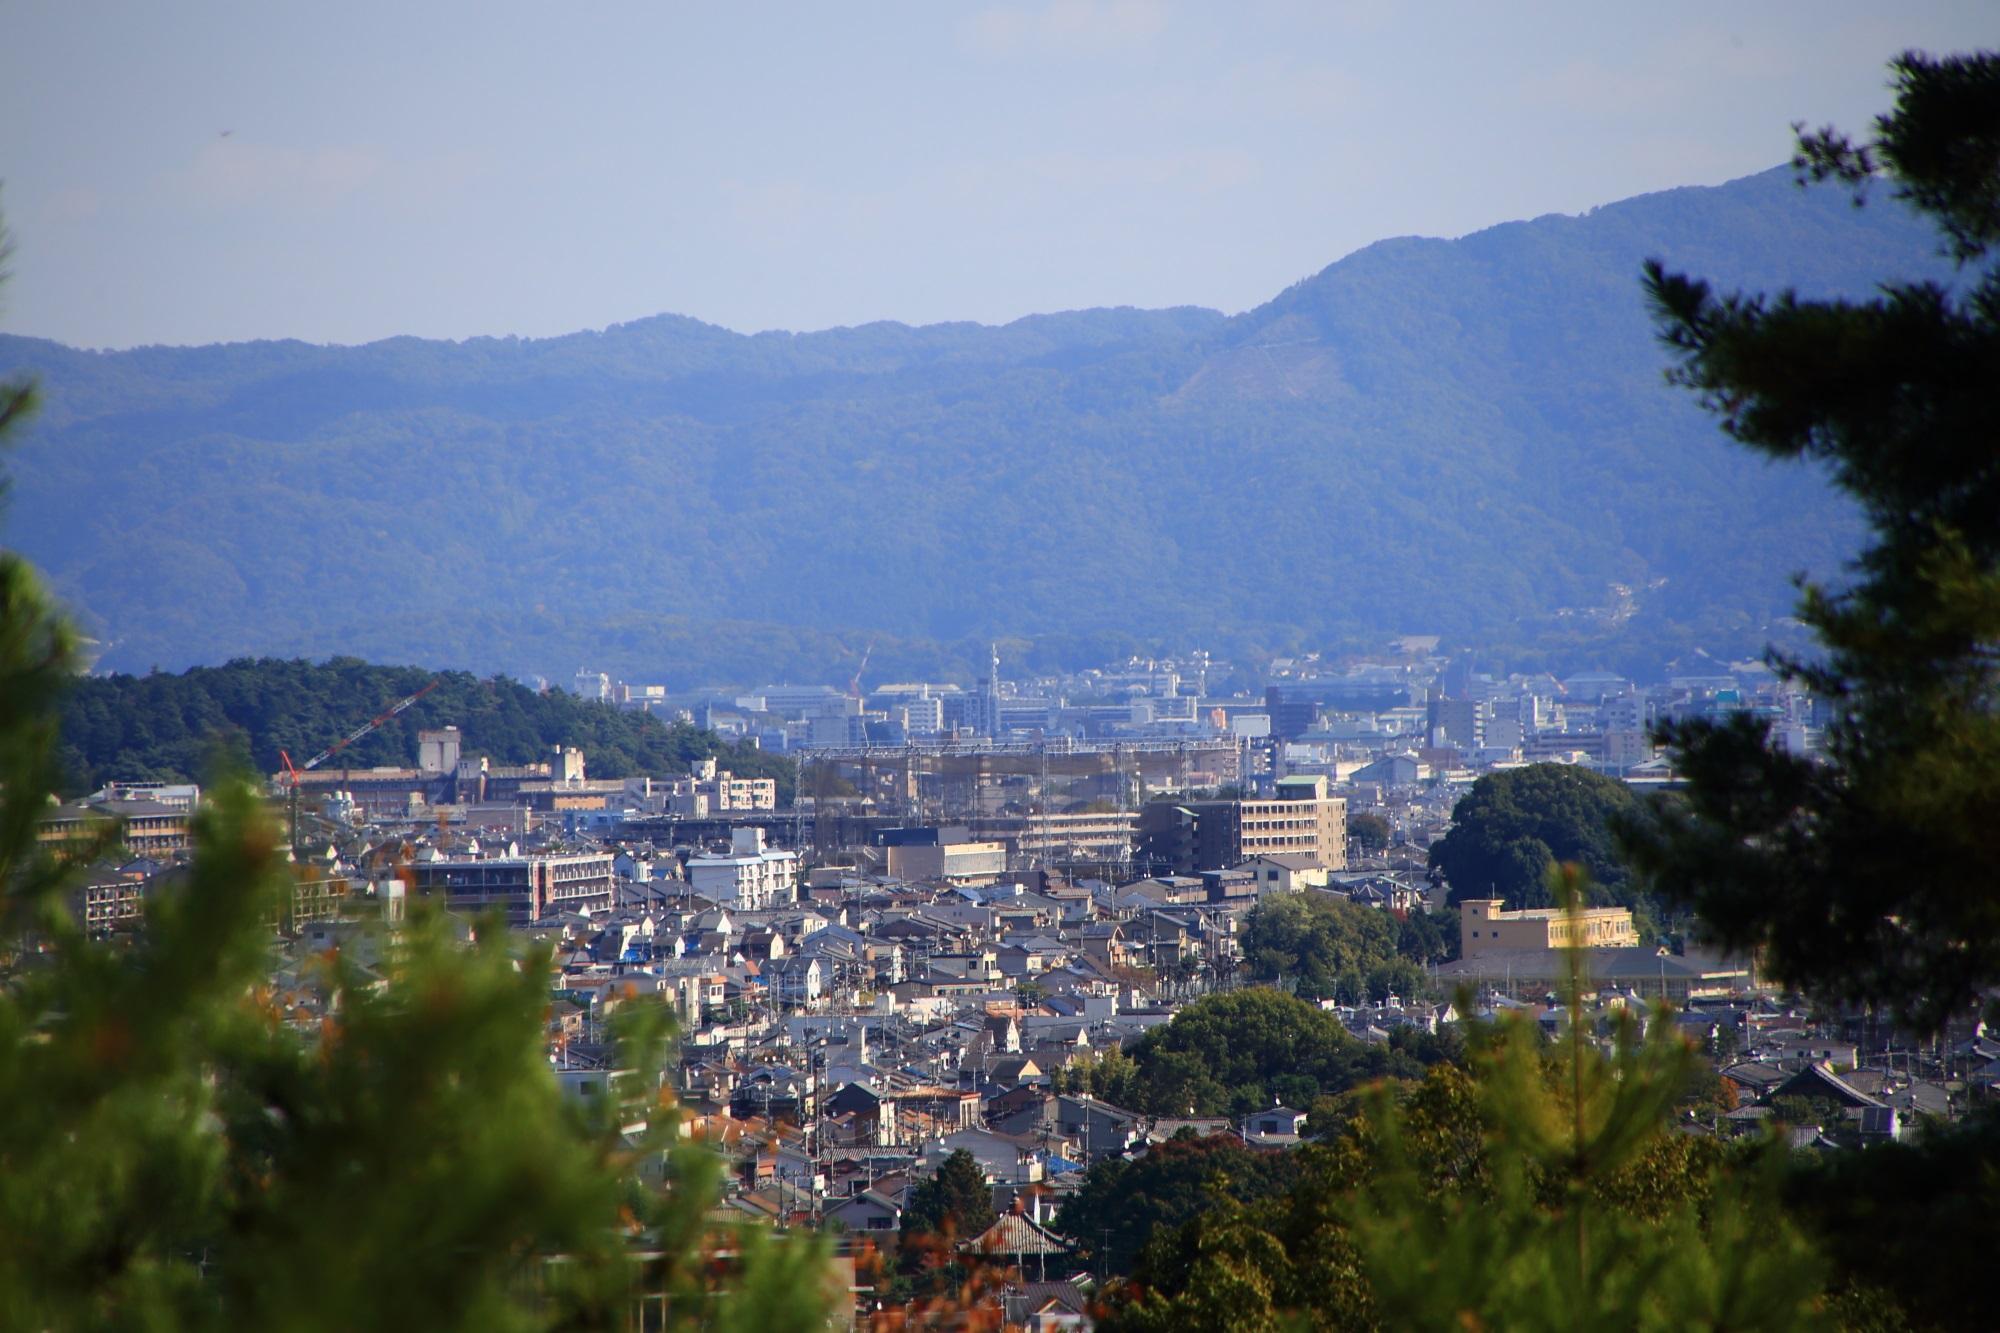 嵐山公園 亀山地区の展望台から眺める大文字山と京都市街